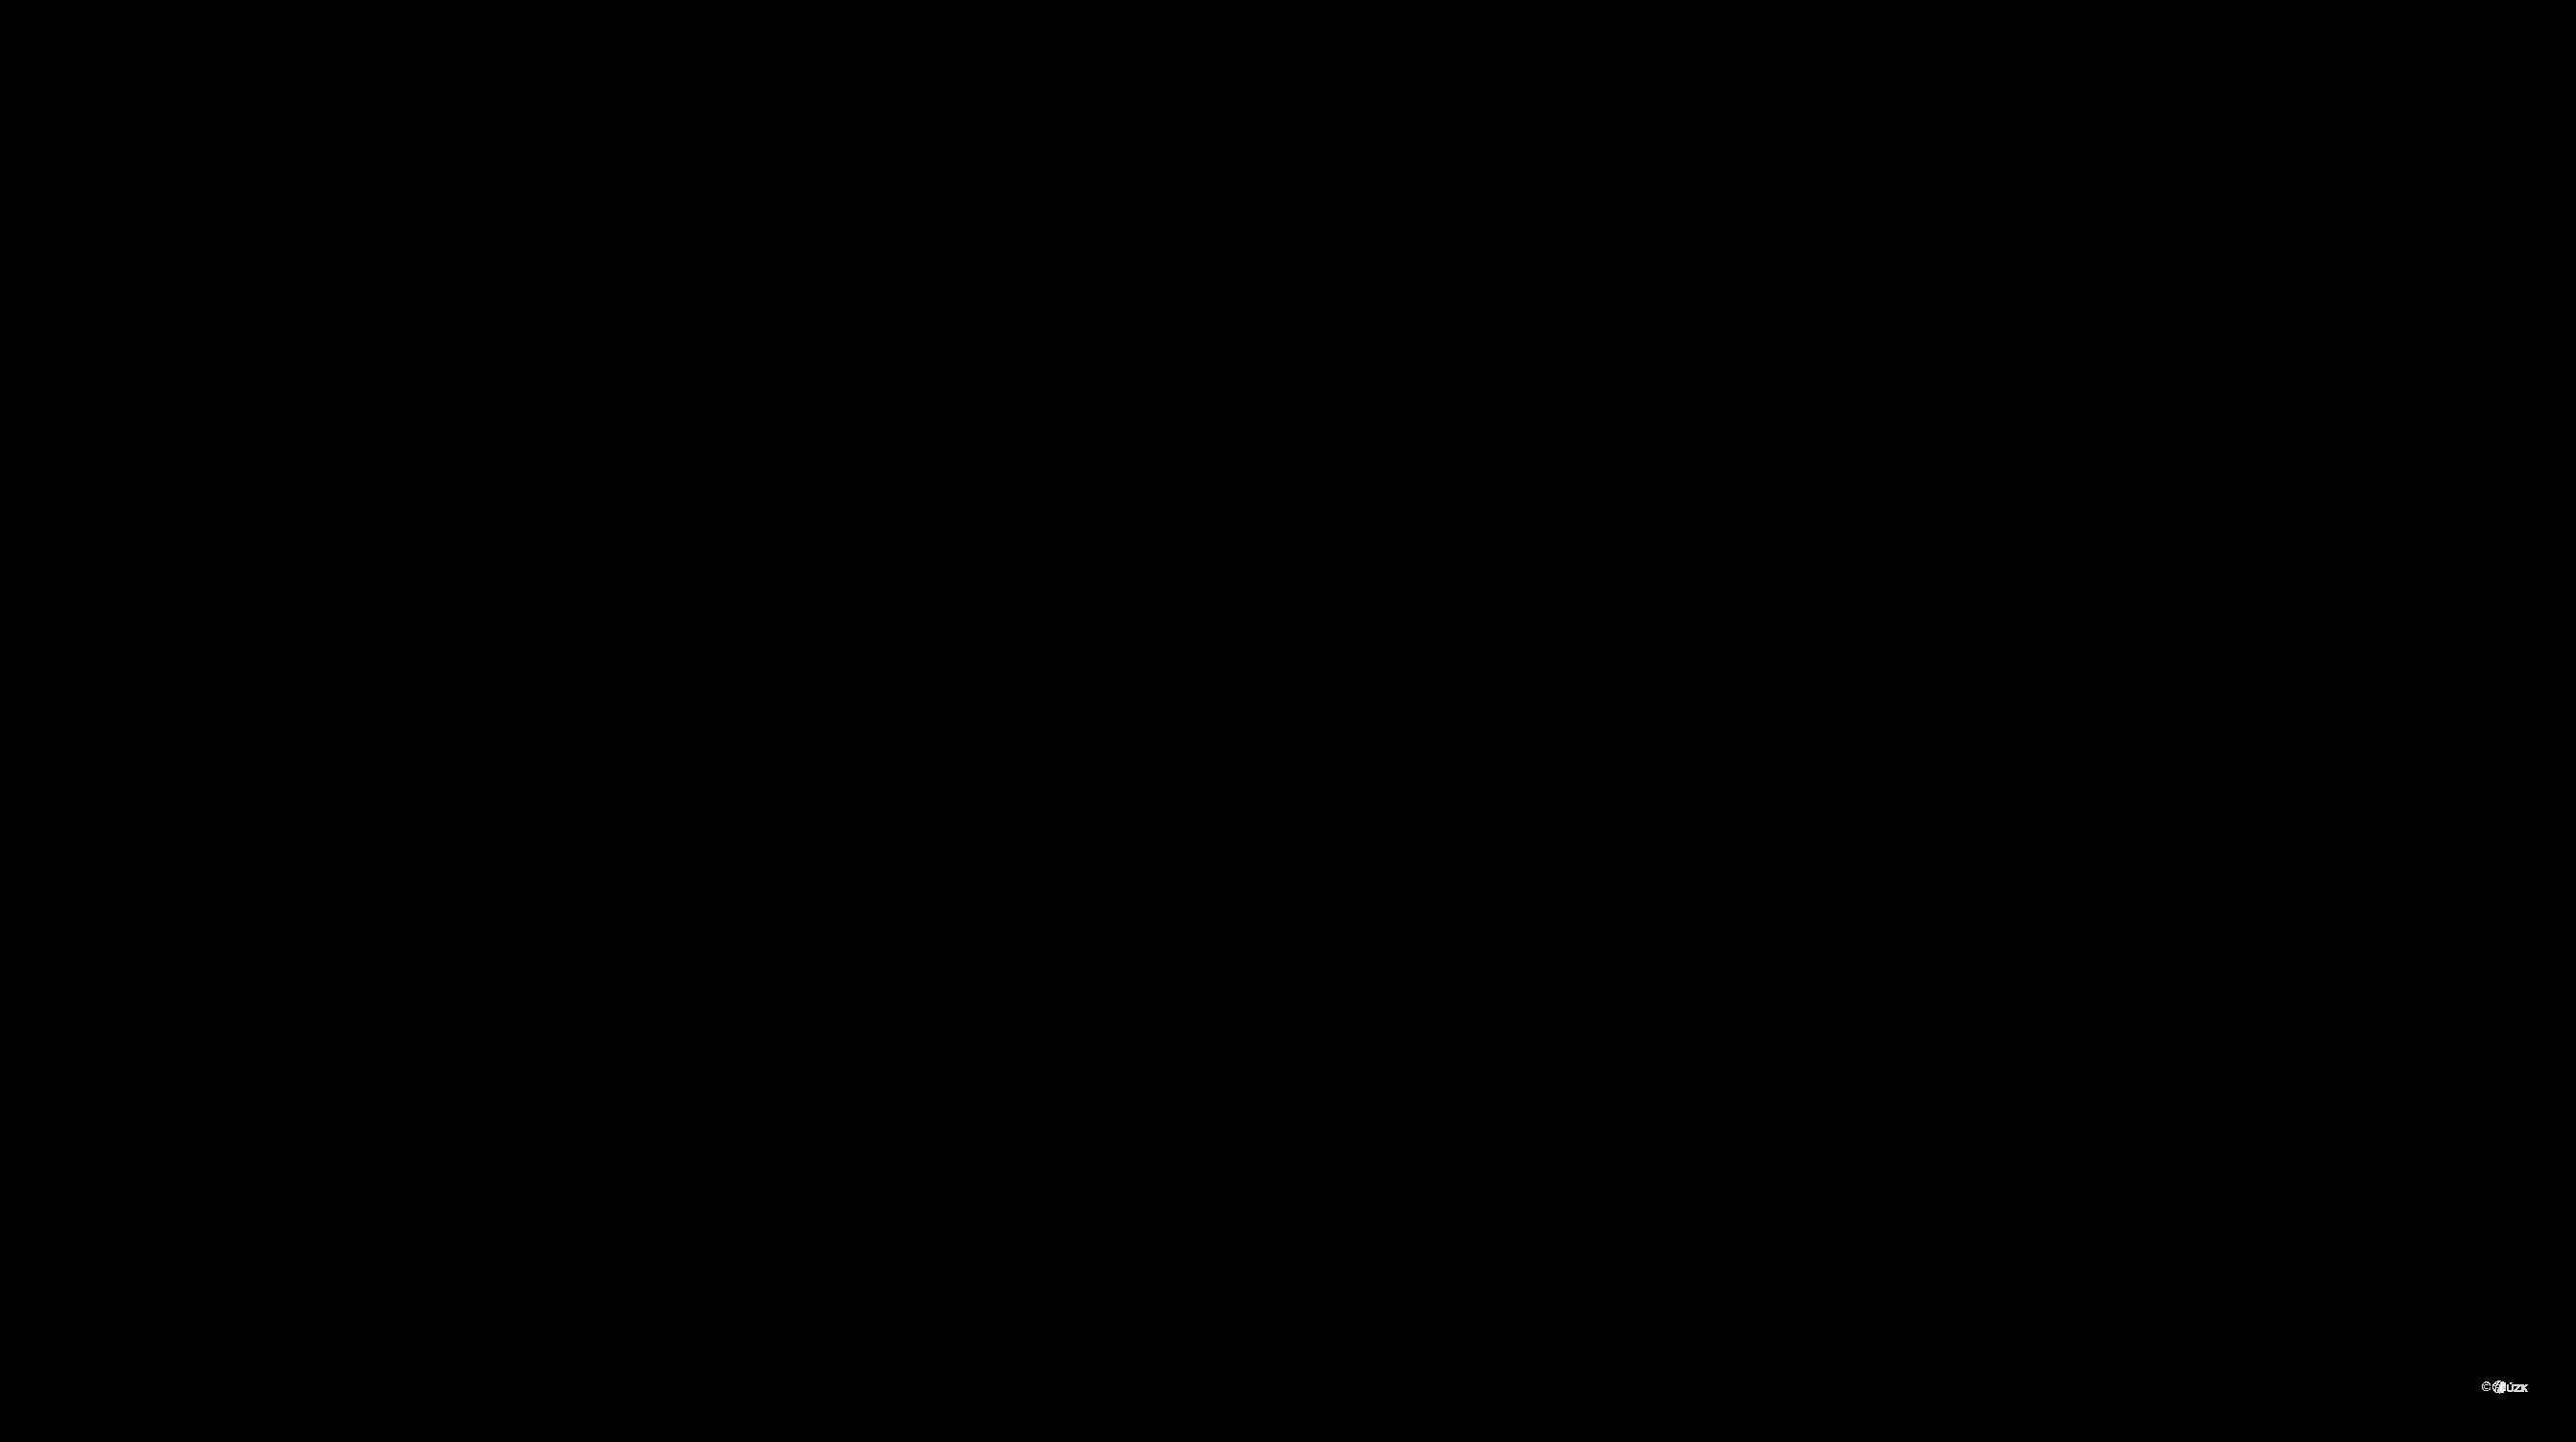 Katastrální mapa pozemků a čísla parcel Frýdek